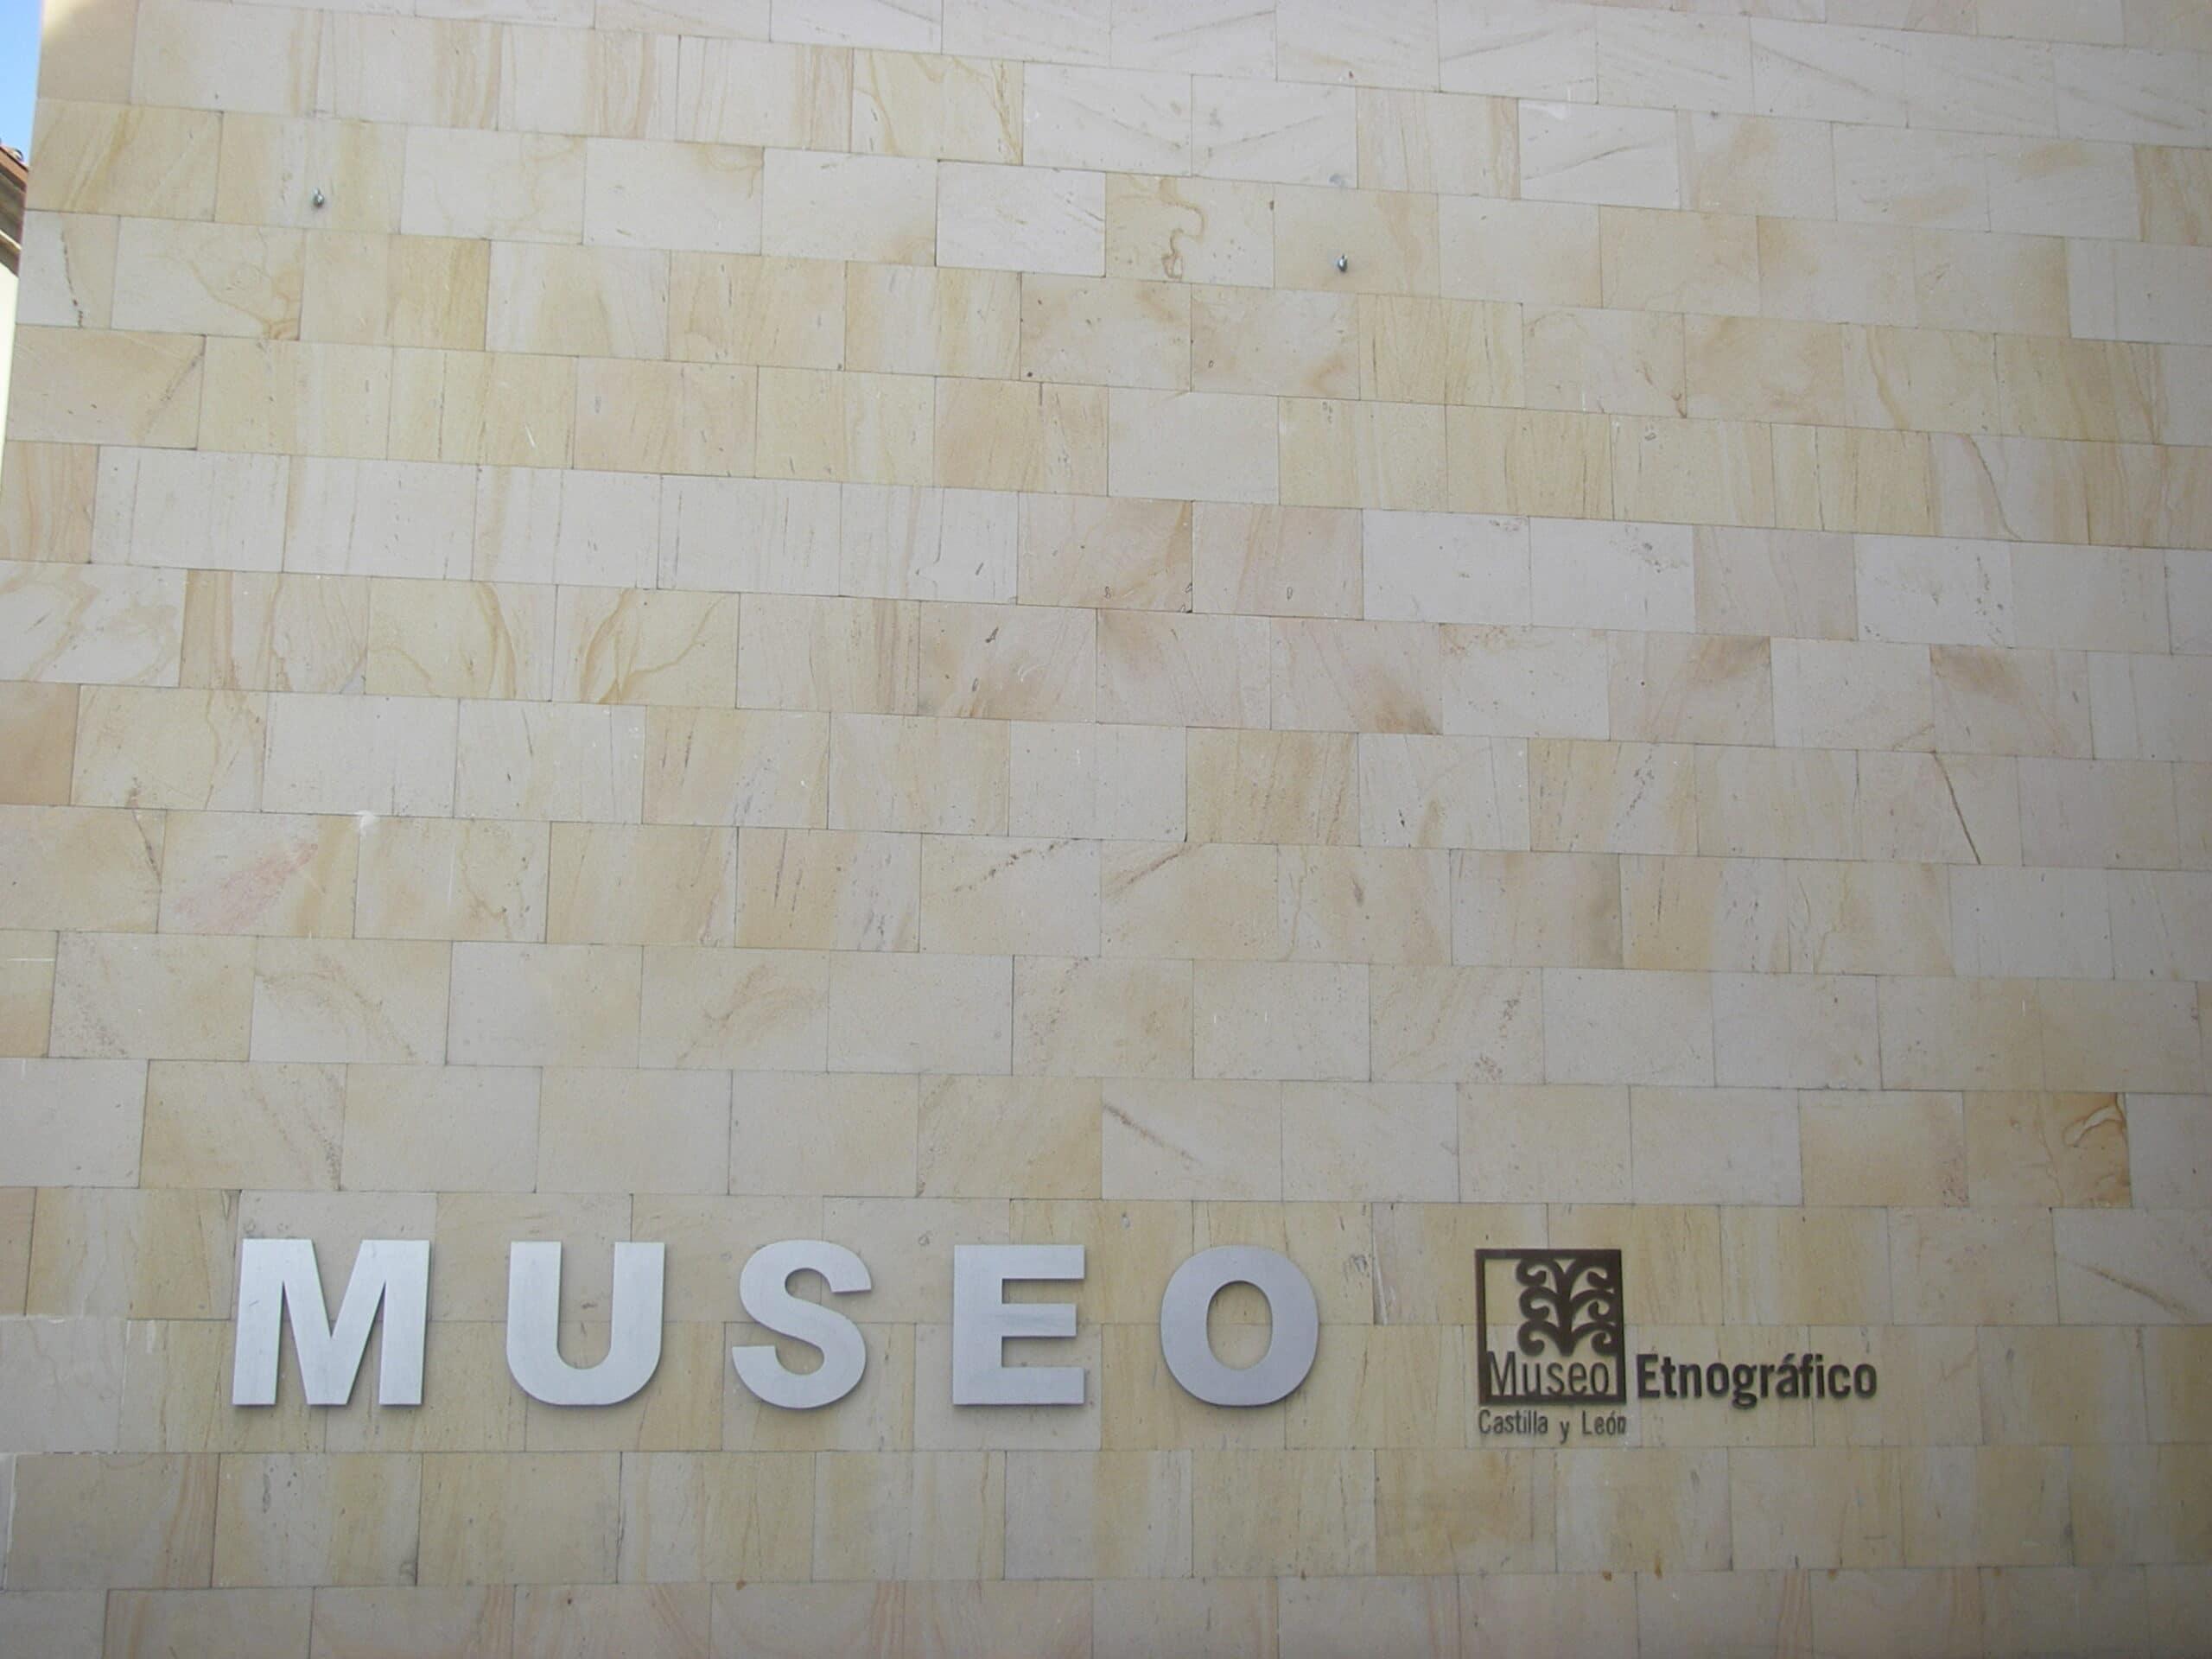 Fachada Museo Etnográfico de Castilla y León, Zamora